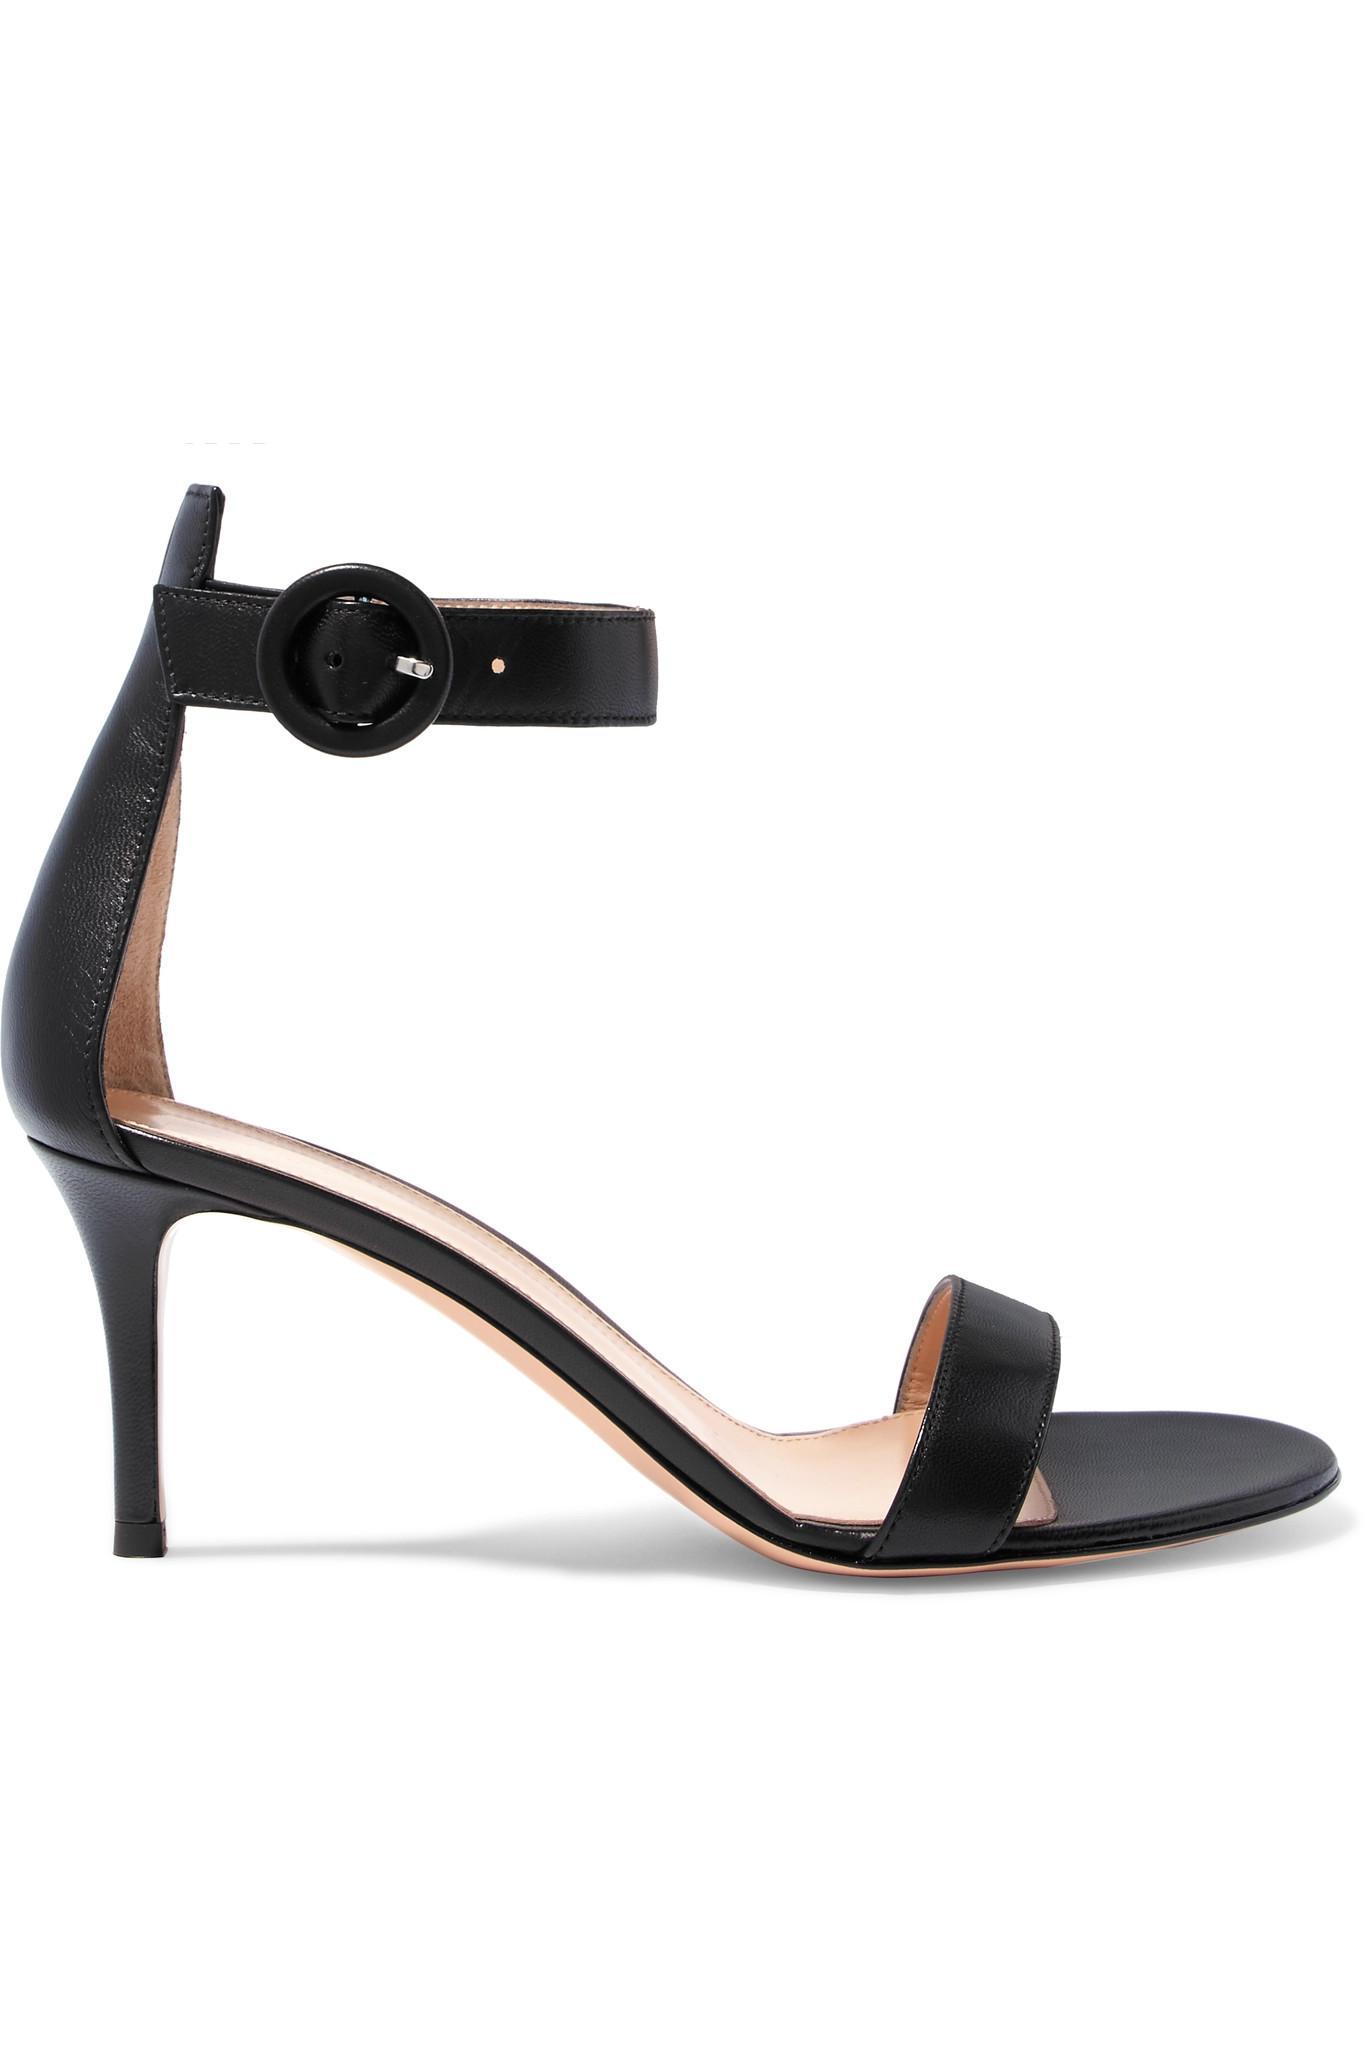 Portofino 70 Leather Sandals - Black Gianvito Rossi VNisAfAbRW